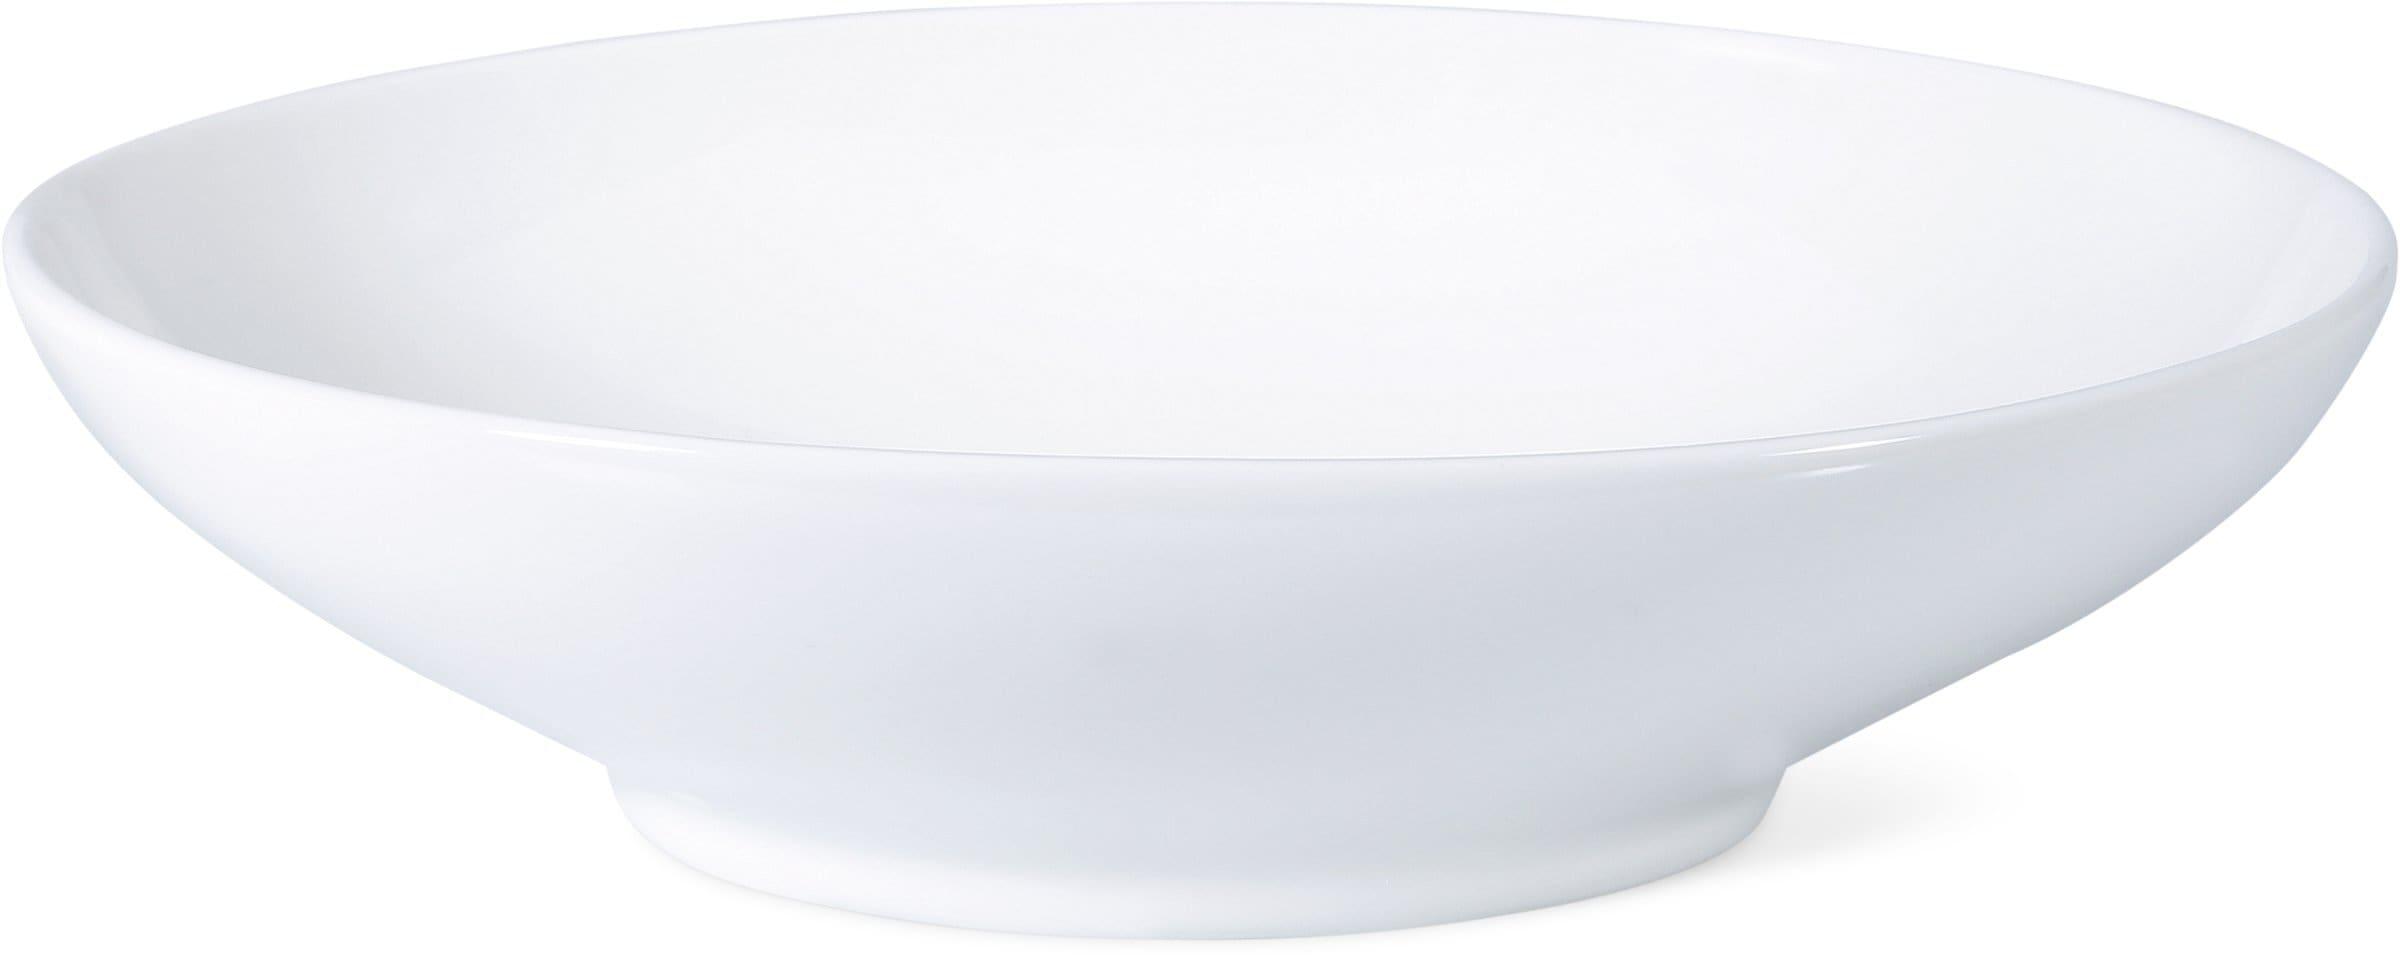 Cucina & Tavola PURE Ciotola 21x16.5cm Ciotole